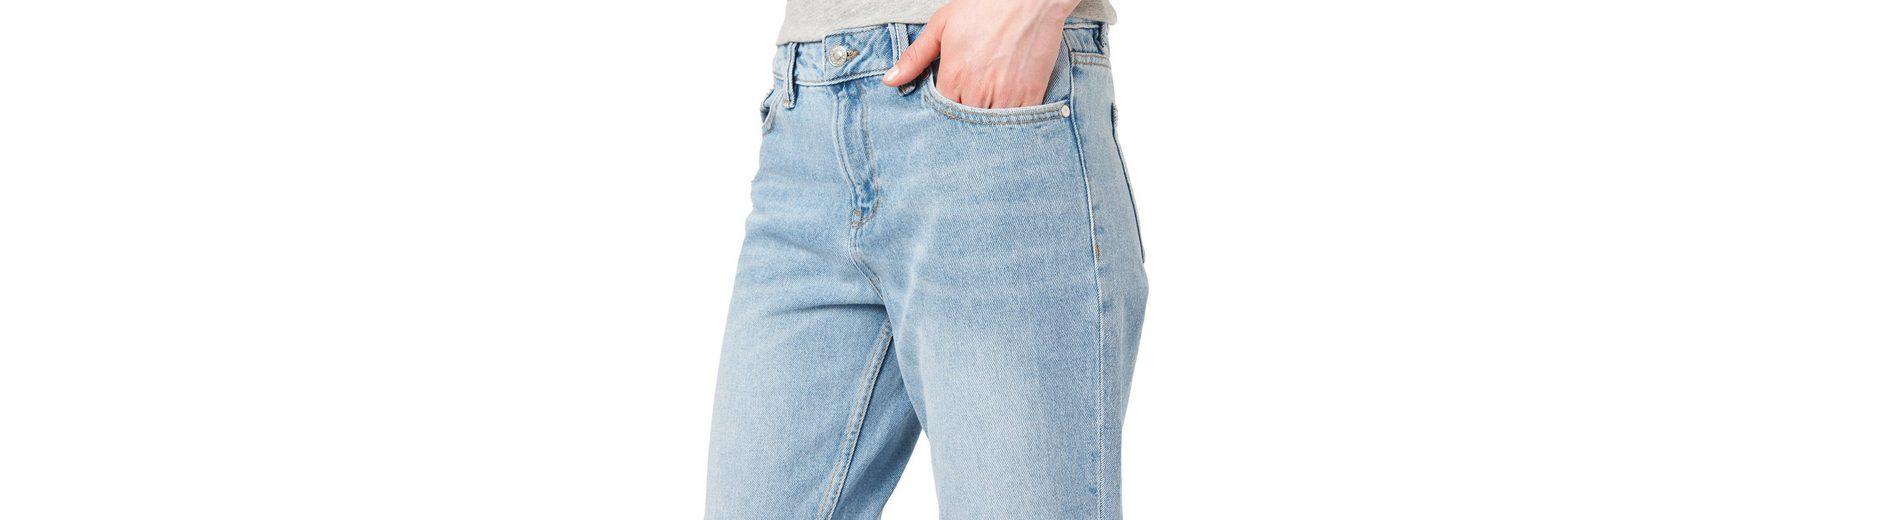 Tom Tailor Denim 5-Pocket-Jeans Liv Boyfriend Billig Verkaufen Authentisch Versorgung Verkauf Online Erkunden Marktfähig Erhalten Authentische Online WI9GUnuez